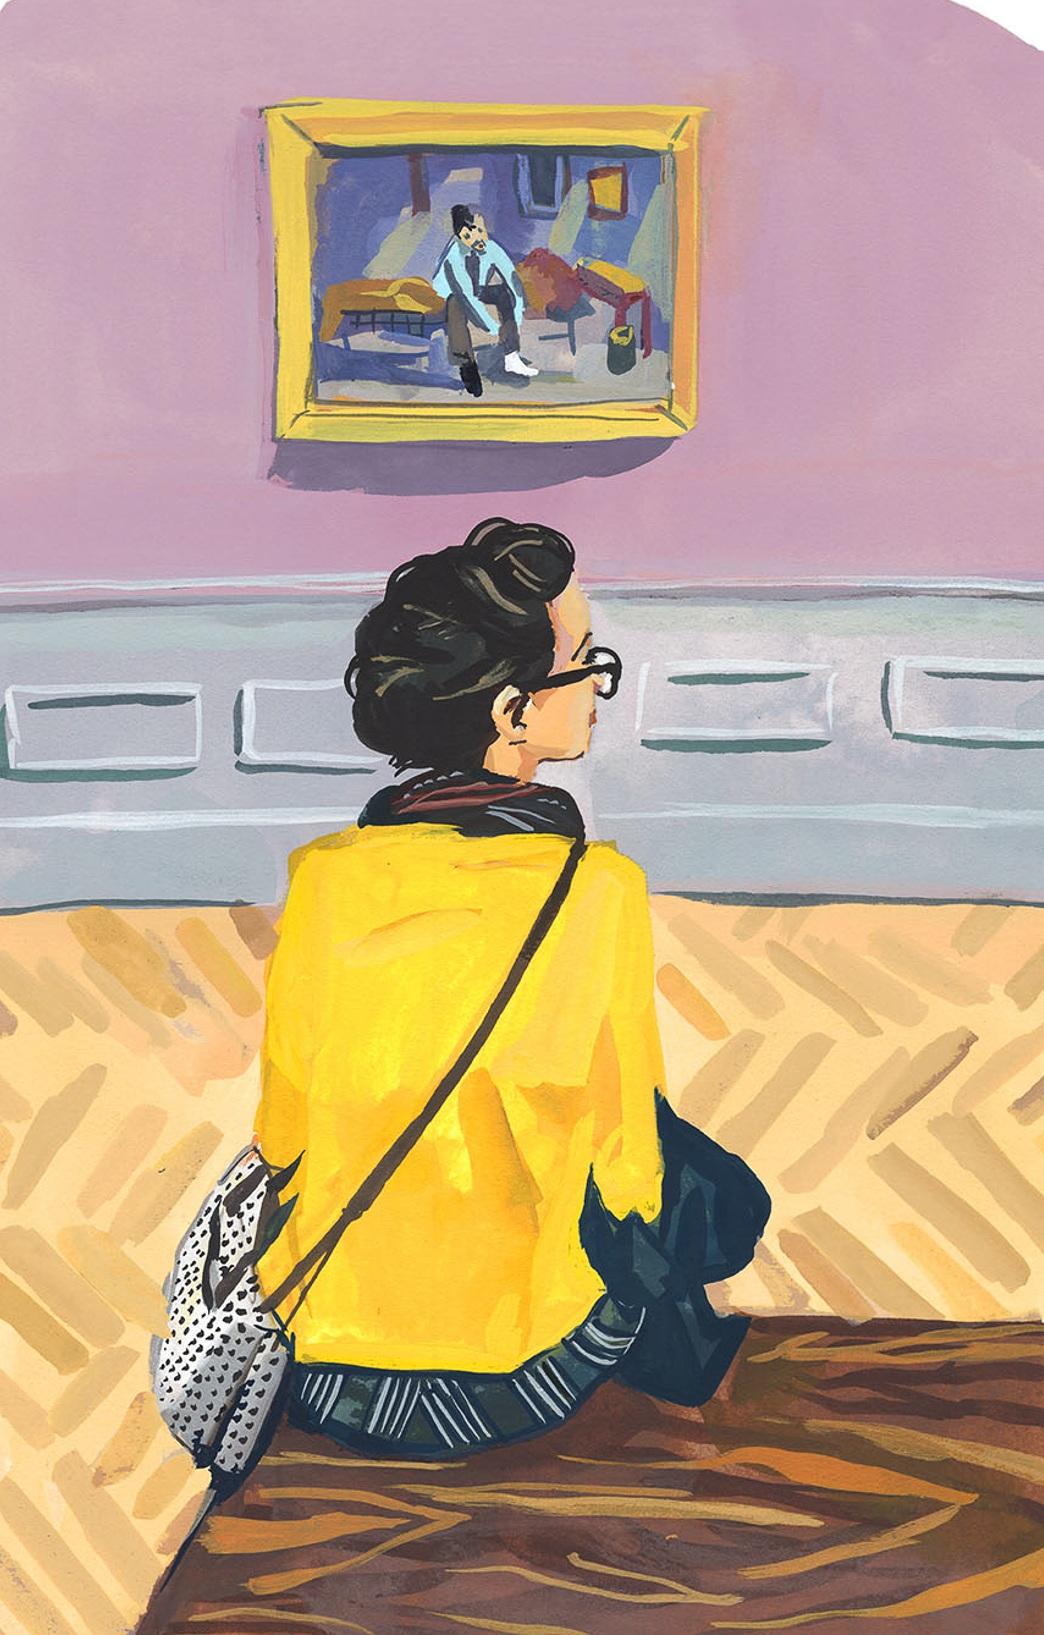 SOI 61 2018 - ARTIST: Jenny KroikTITLE: Shoe Tying [Series, 2 of 6]